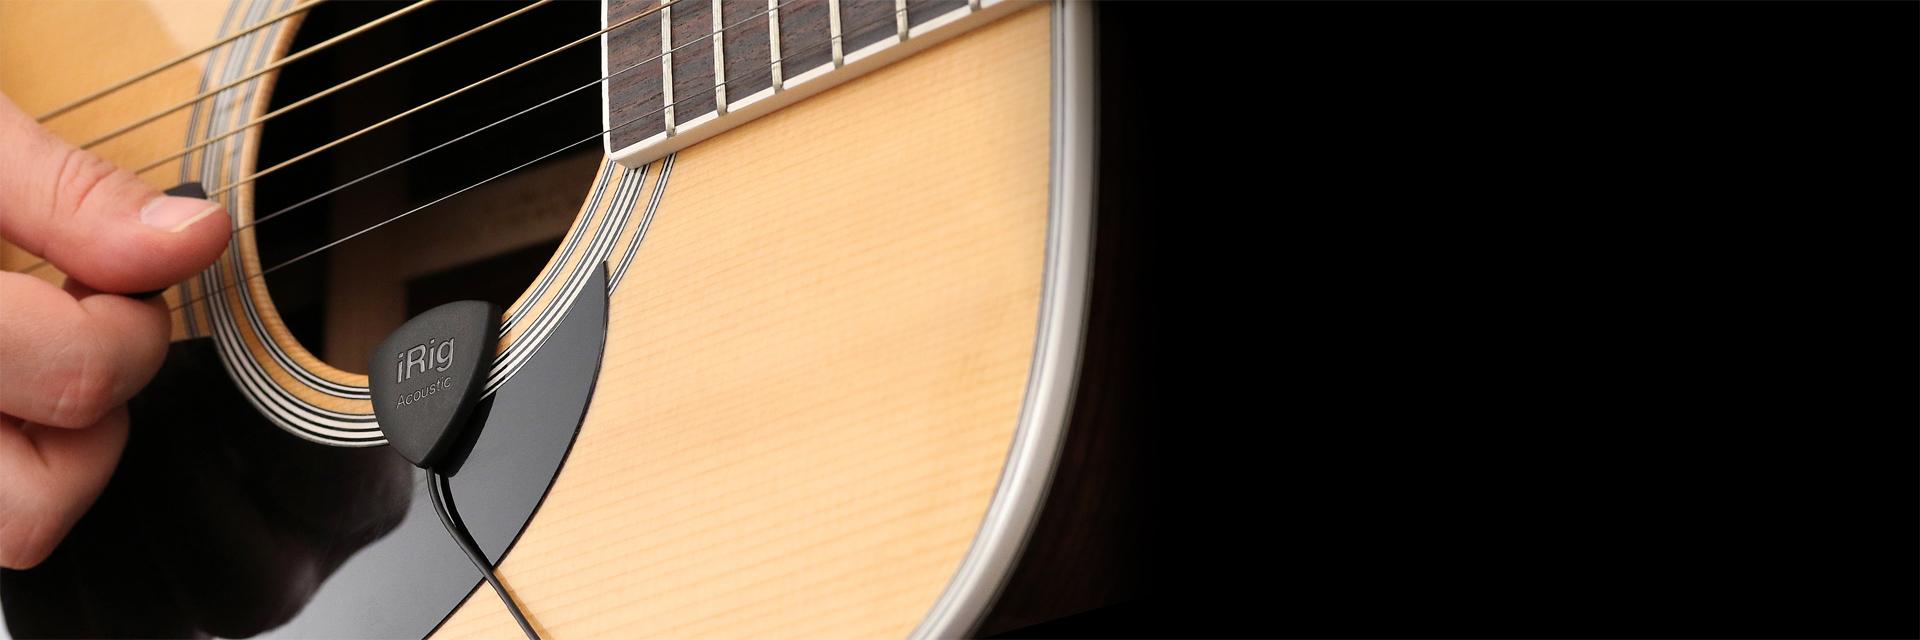 ik multimedia irig acoustic Les Paul Input Jack Wiring